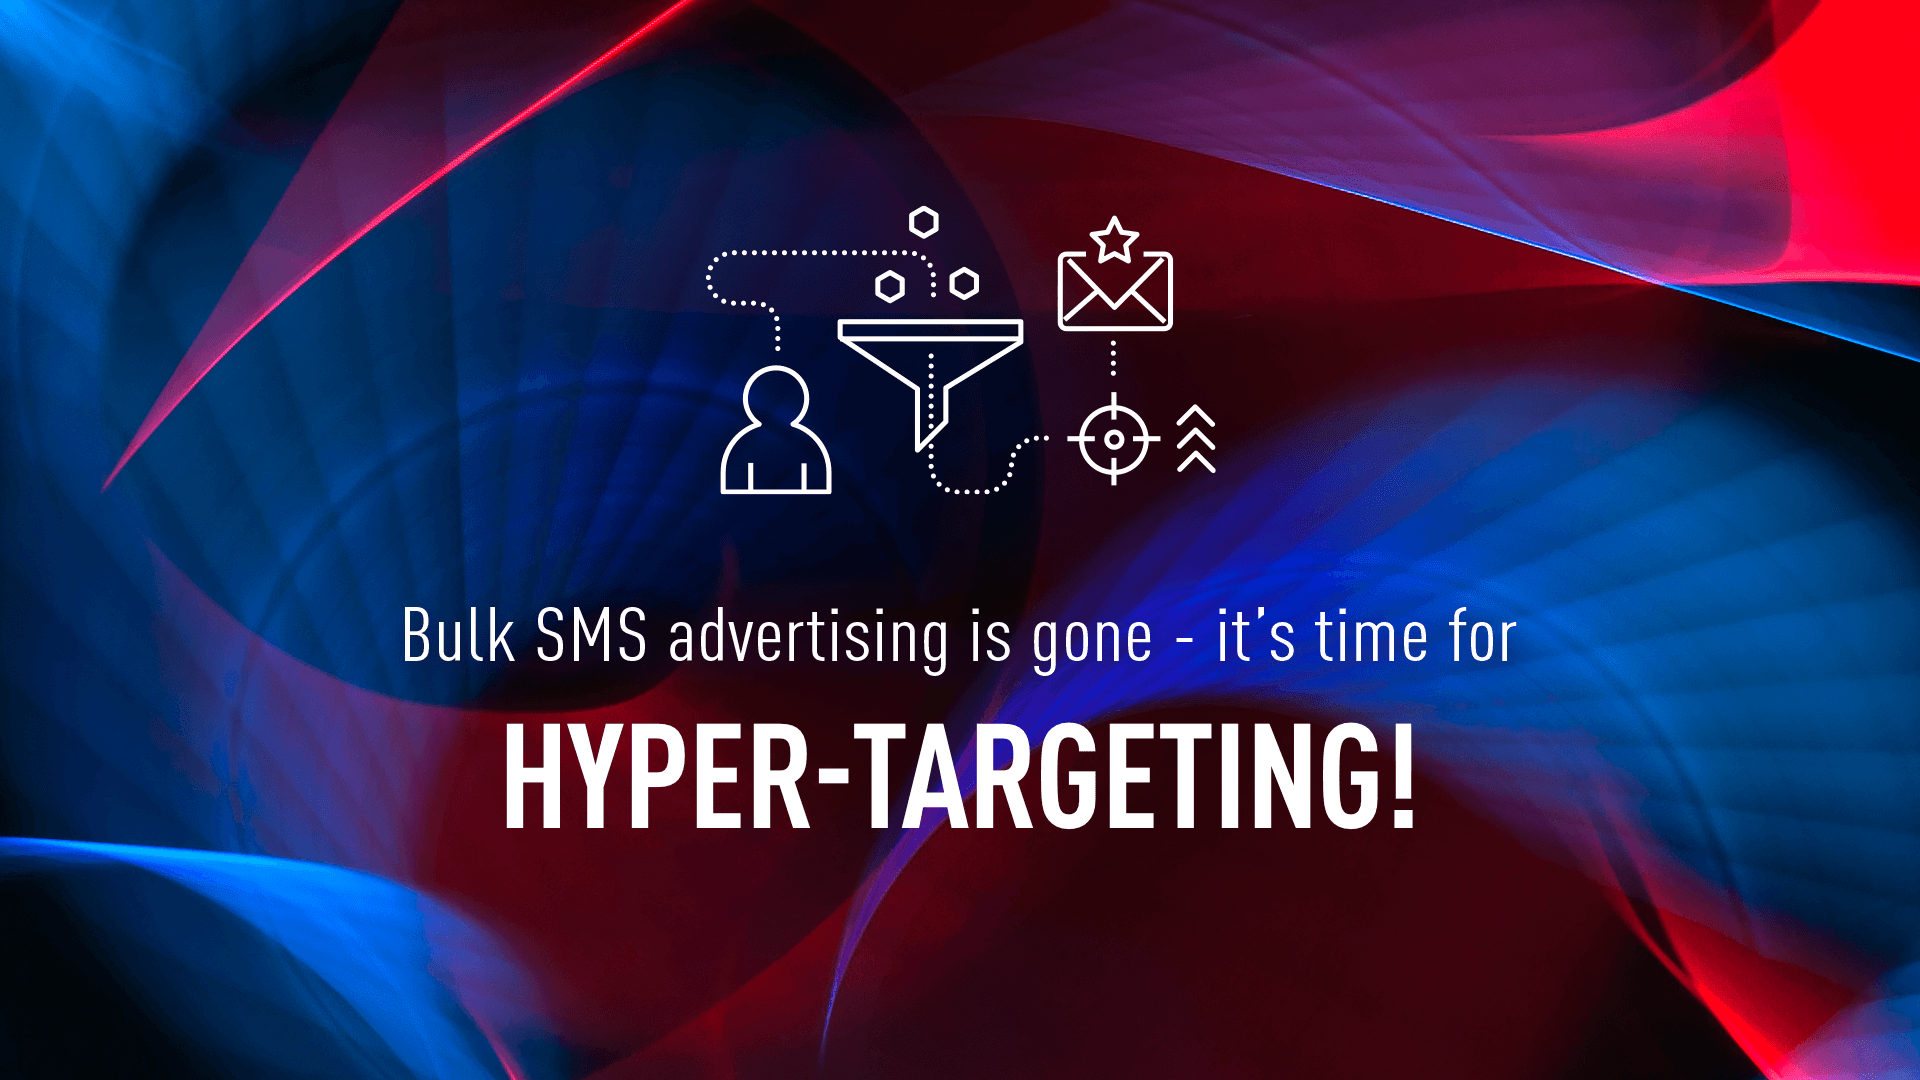 Bulk SMS advertising is gone - hyper-targeting